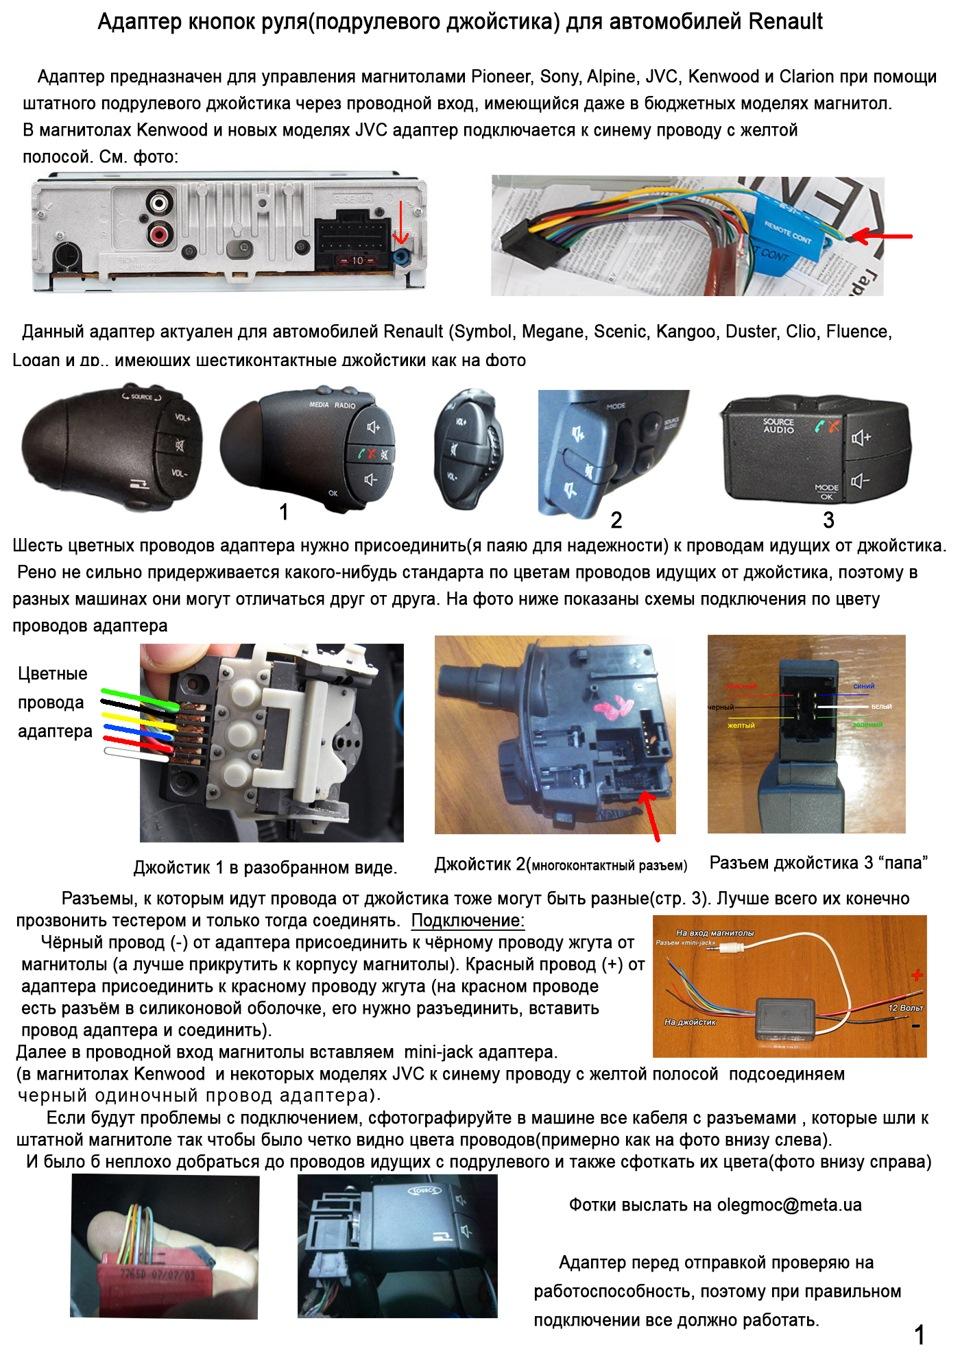 Схема подключения магнитолу jvc